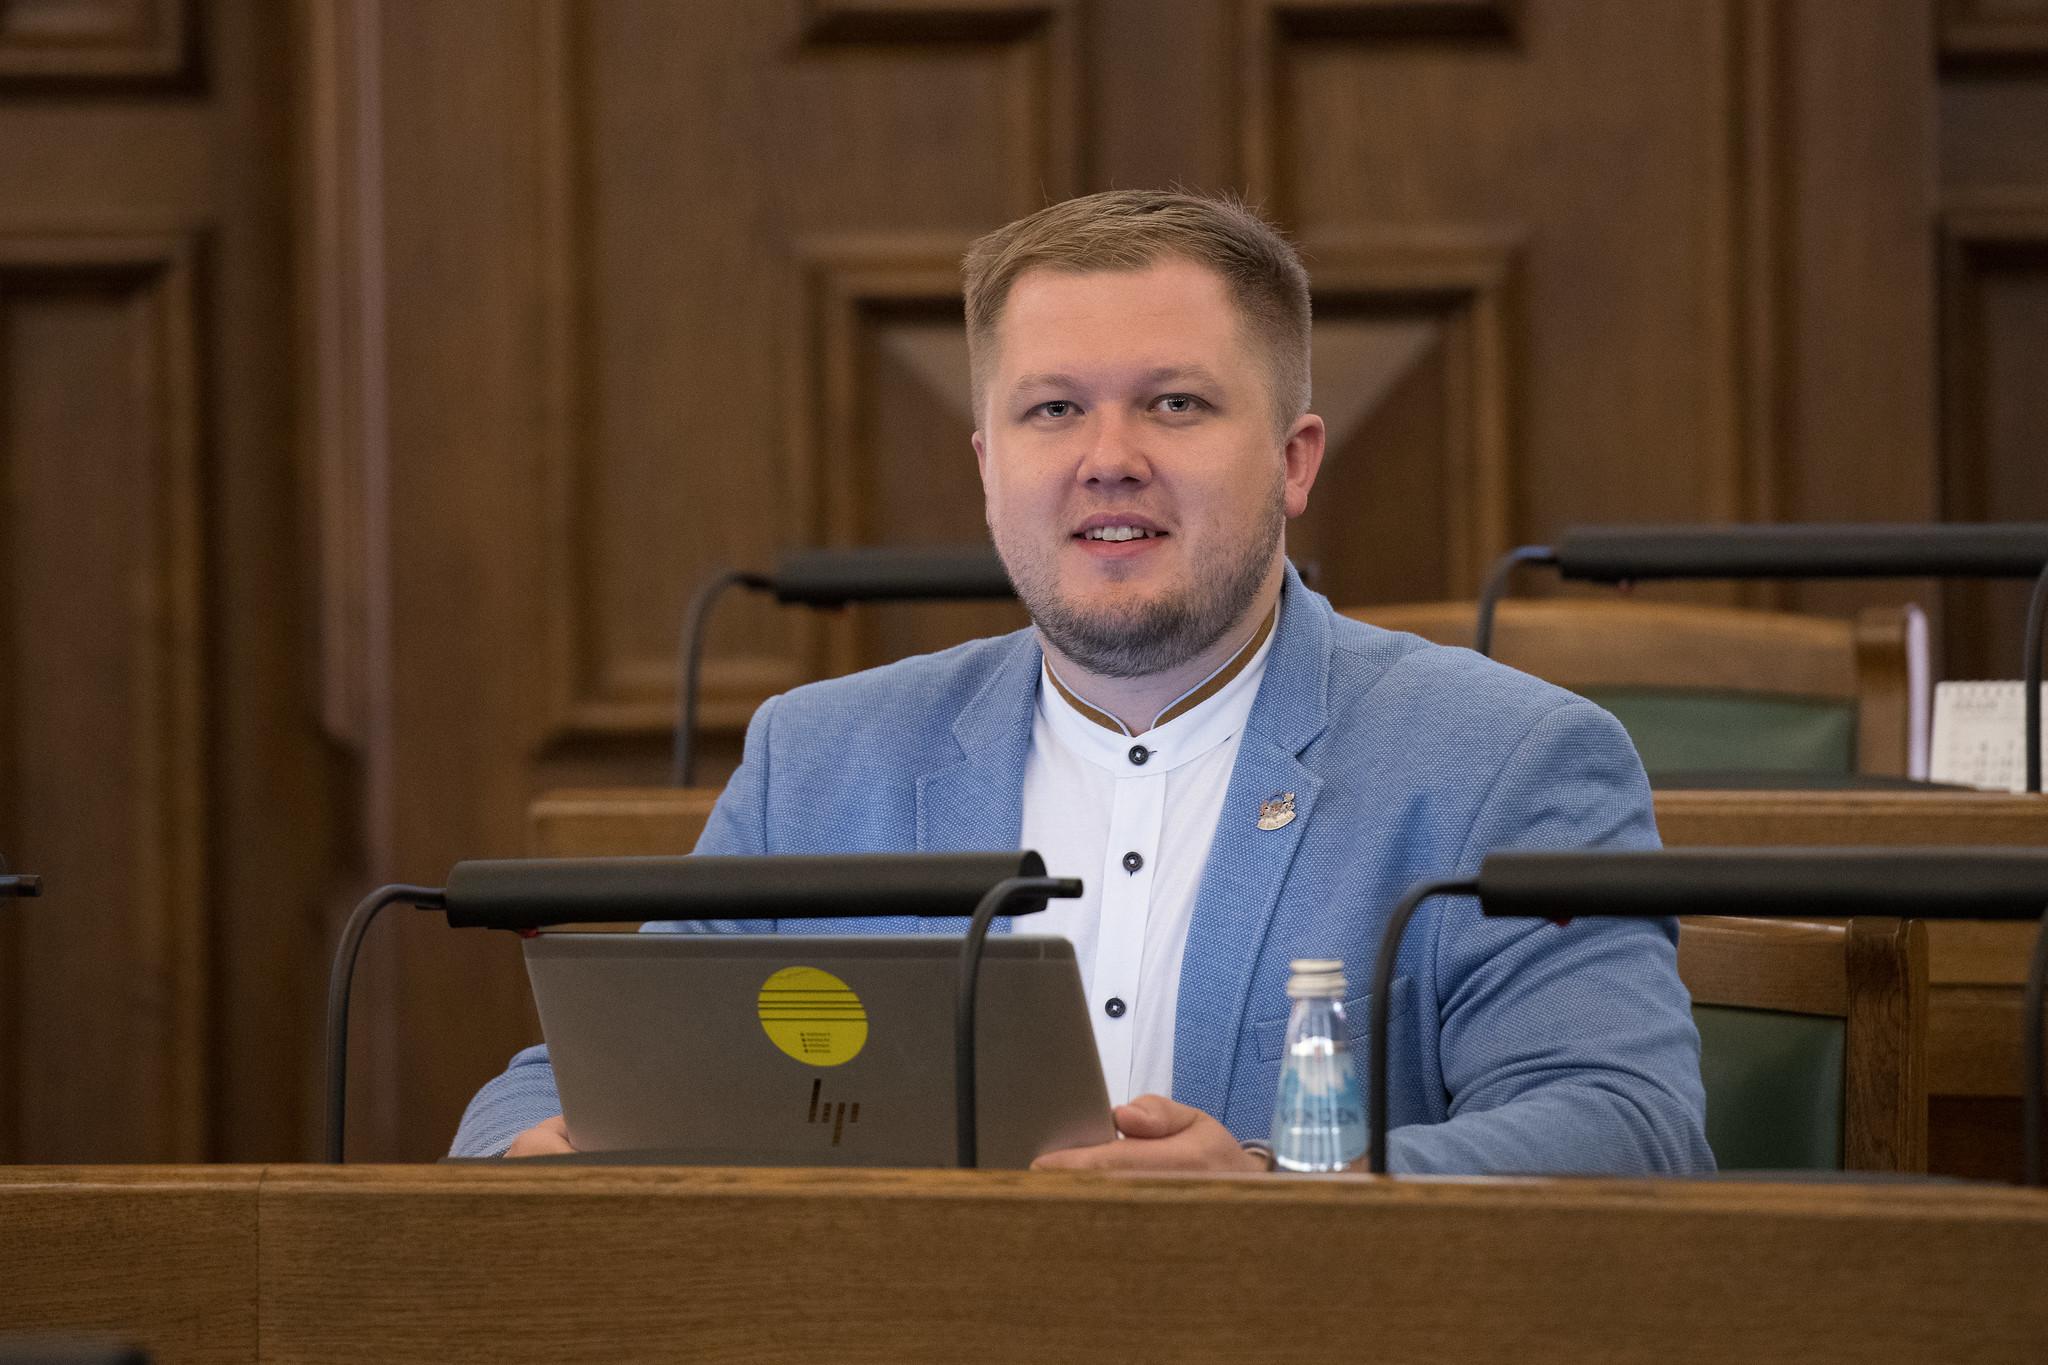 Mārtiņš Šteins: Lielāki nodokļu atvieglojumi tiem, kuri ārstniecības izdevumu segšanai saņem ziedotāju atbalstu